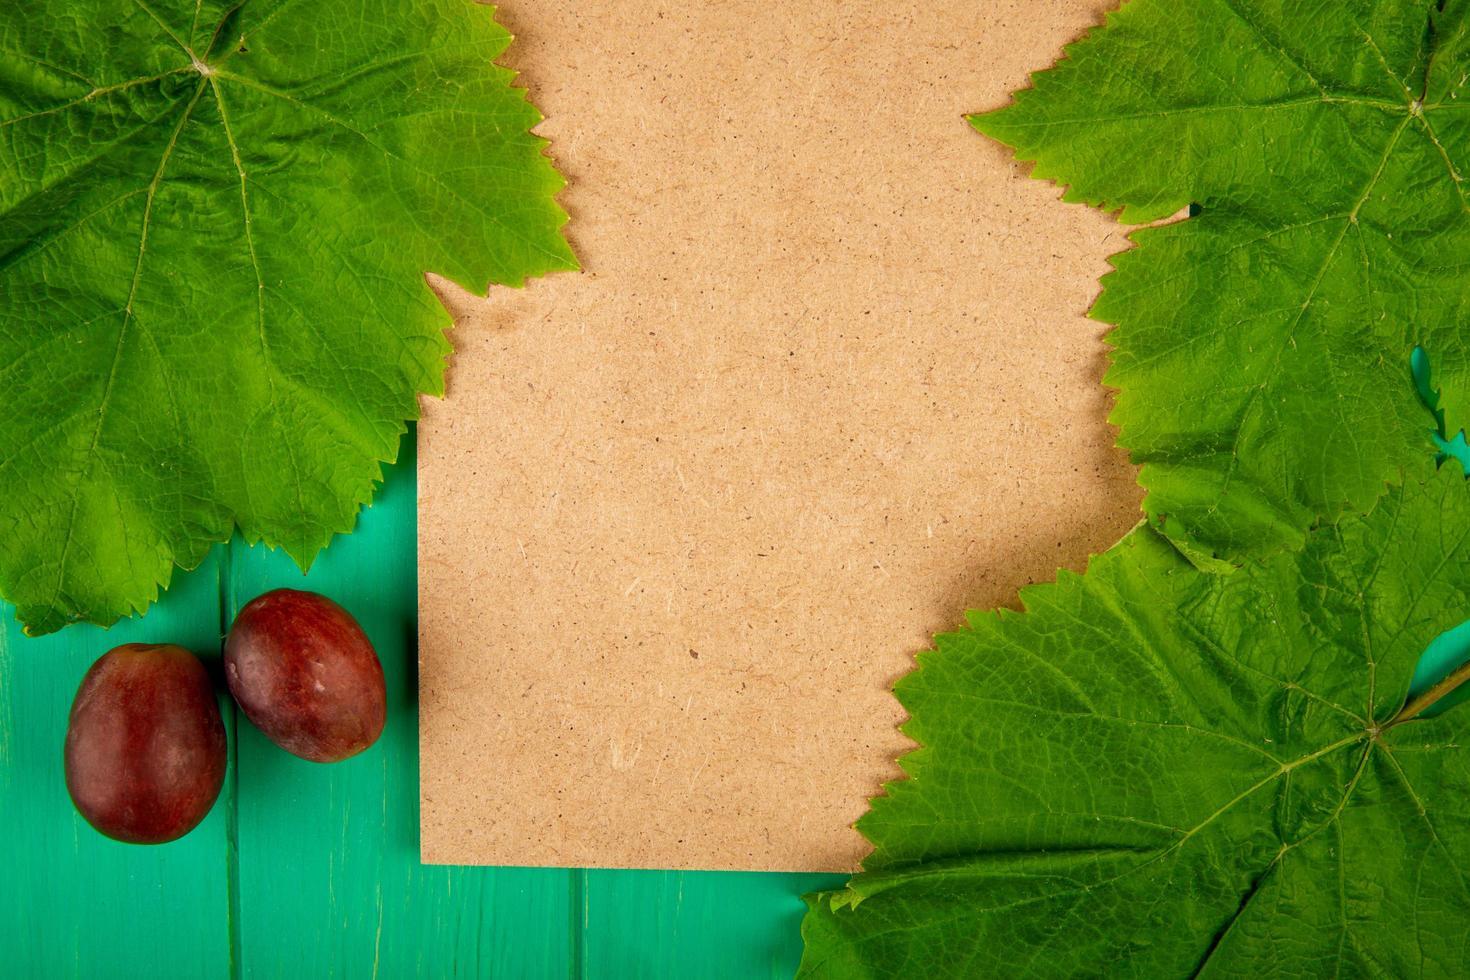 vue de dessus du papier brun avec des raisins et des feuilles vertes photo